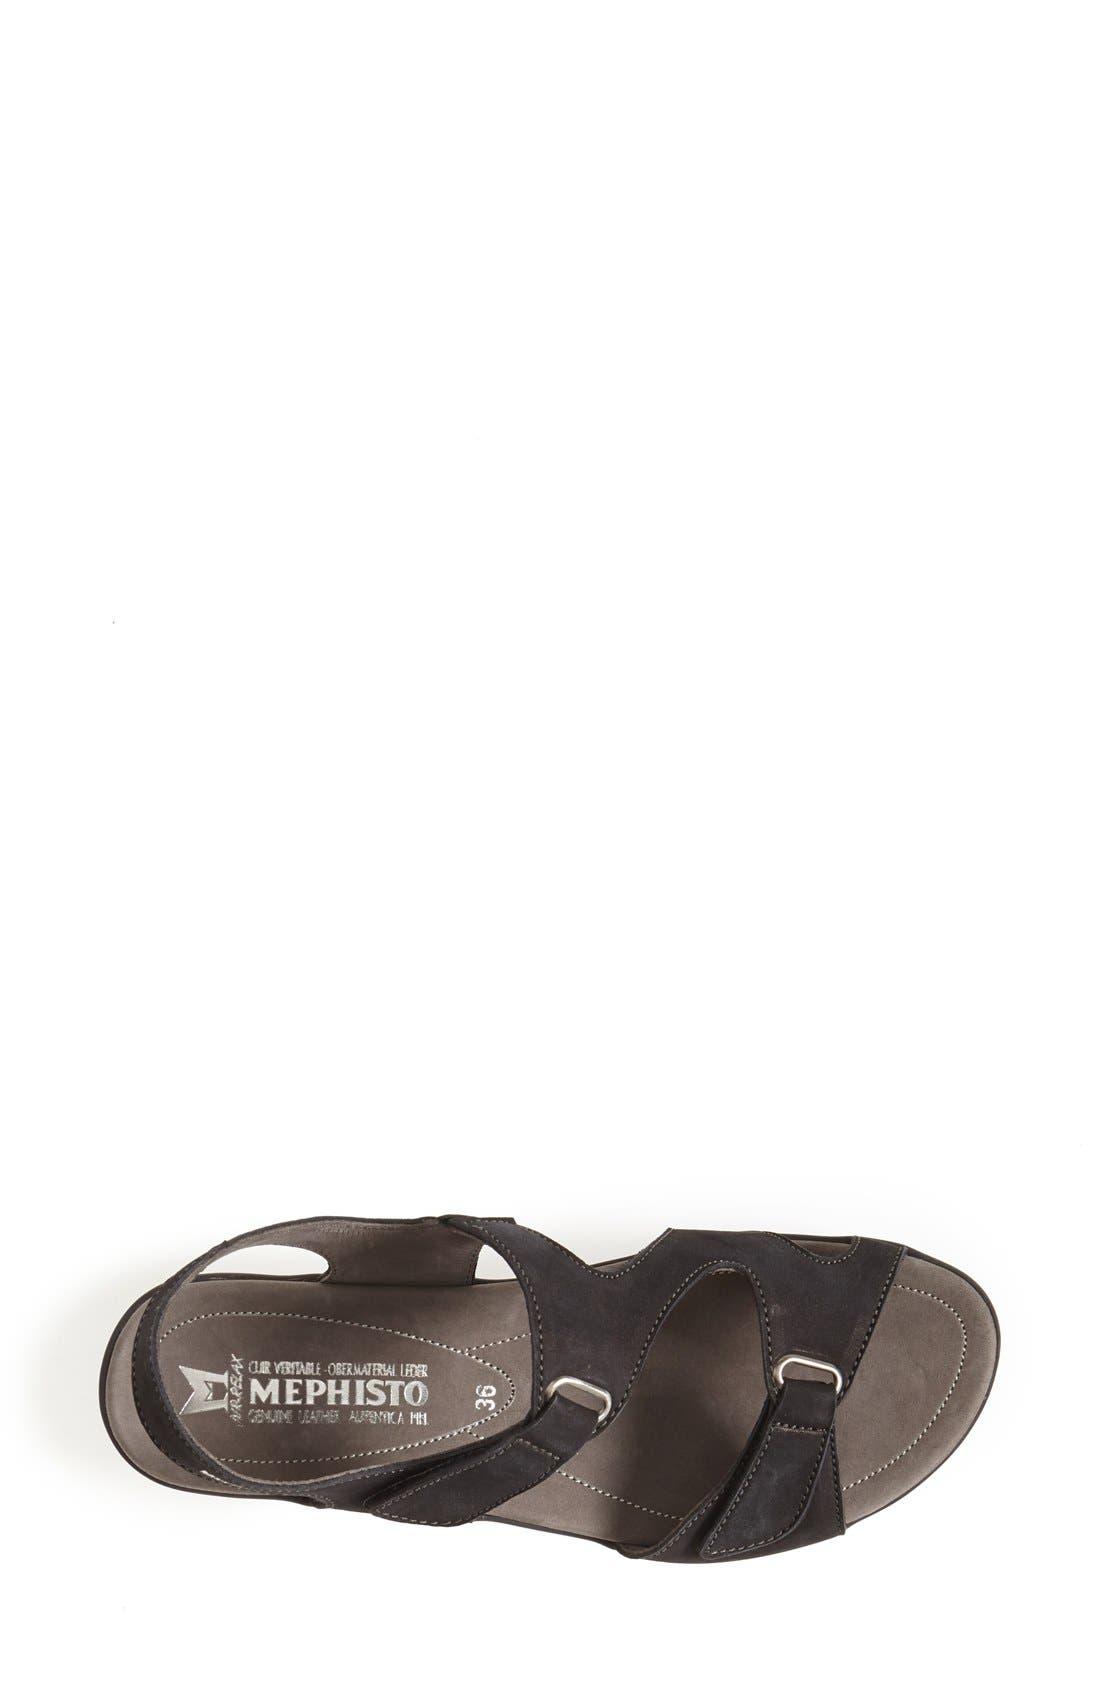 MEPHISTO, 'Paris' Slingback Sandal, Alternate thumbnail 6, color, BLACK